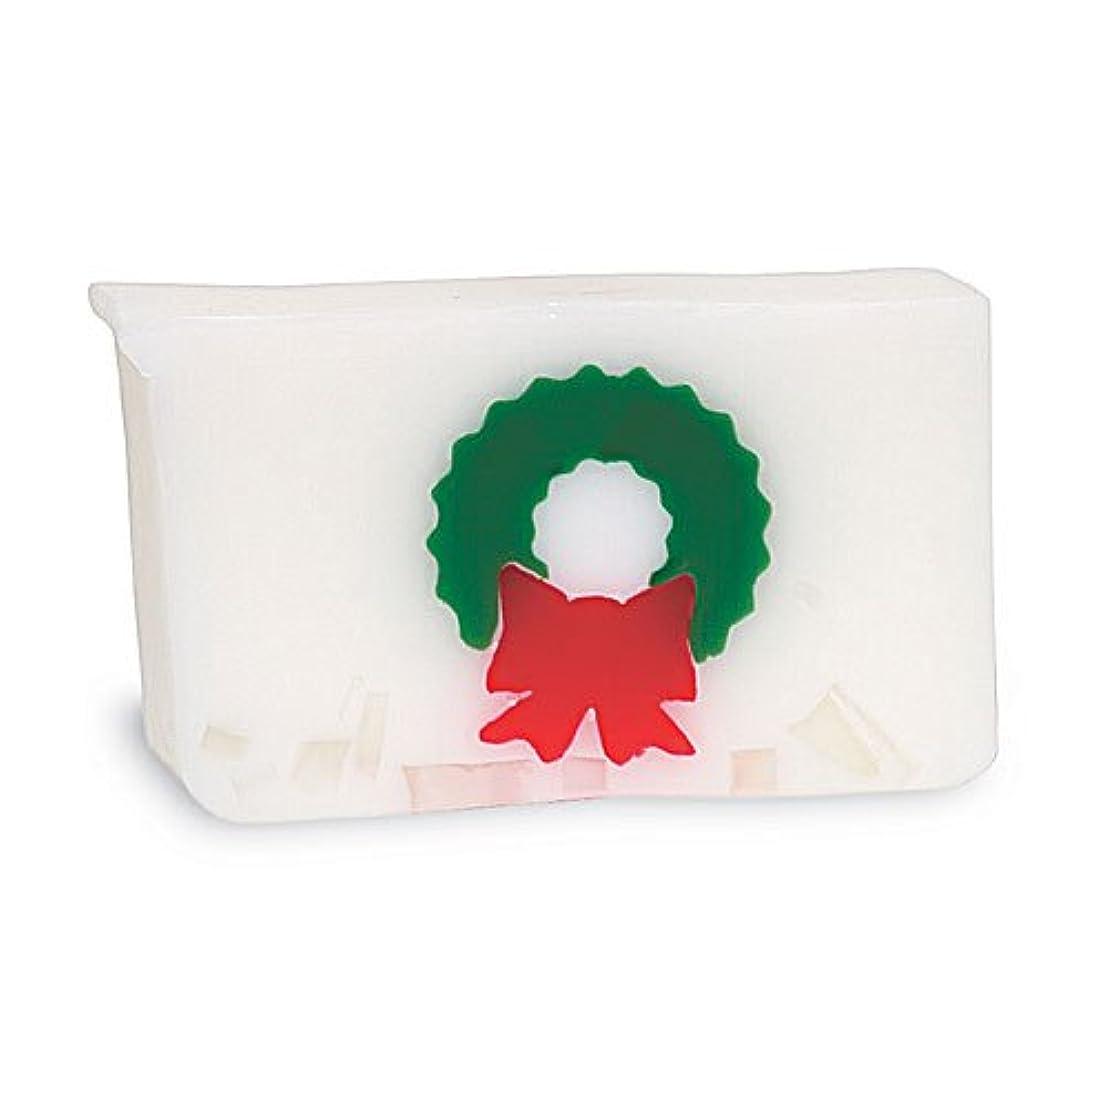 書士旅行代理店クレータープライモールエレメンツ アロマティック ソープ クリスマスリース 180g 植物性 ナチュラル 石鹸 無添加